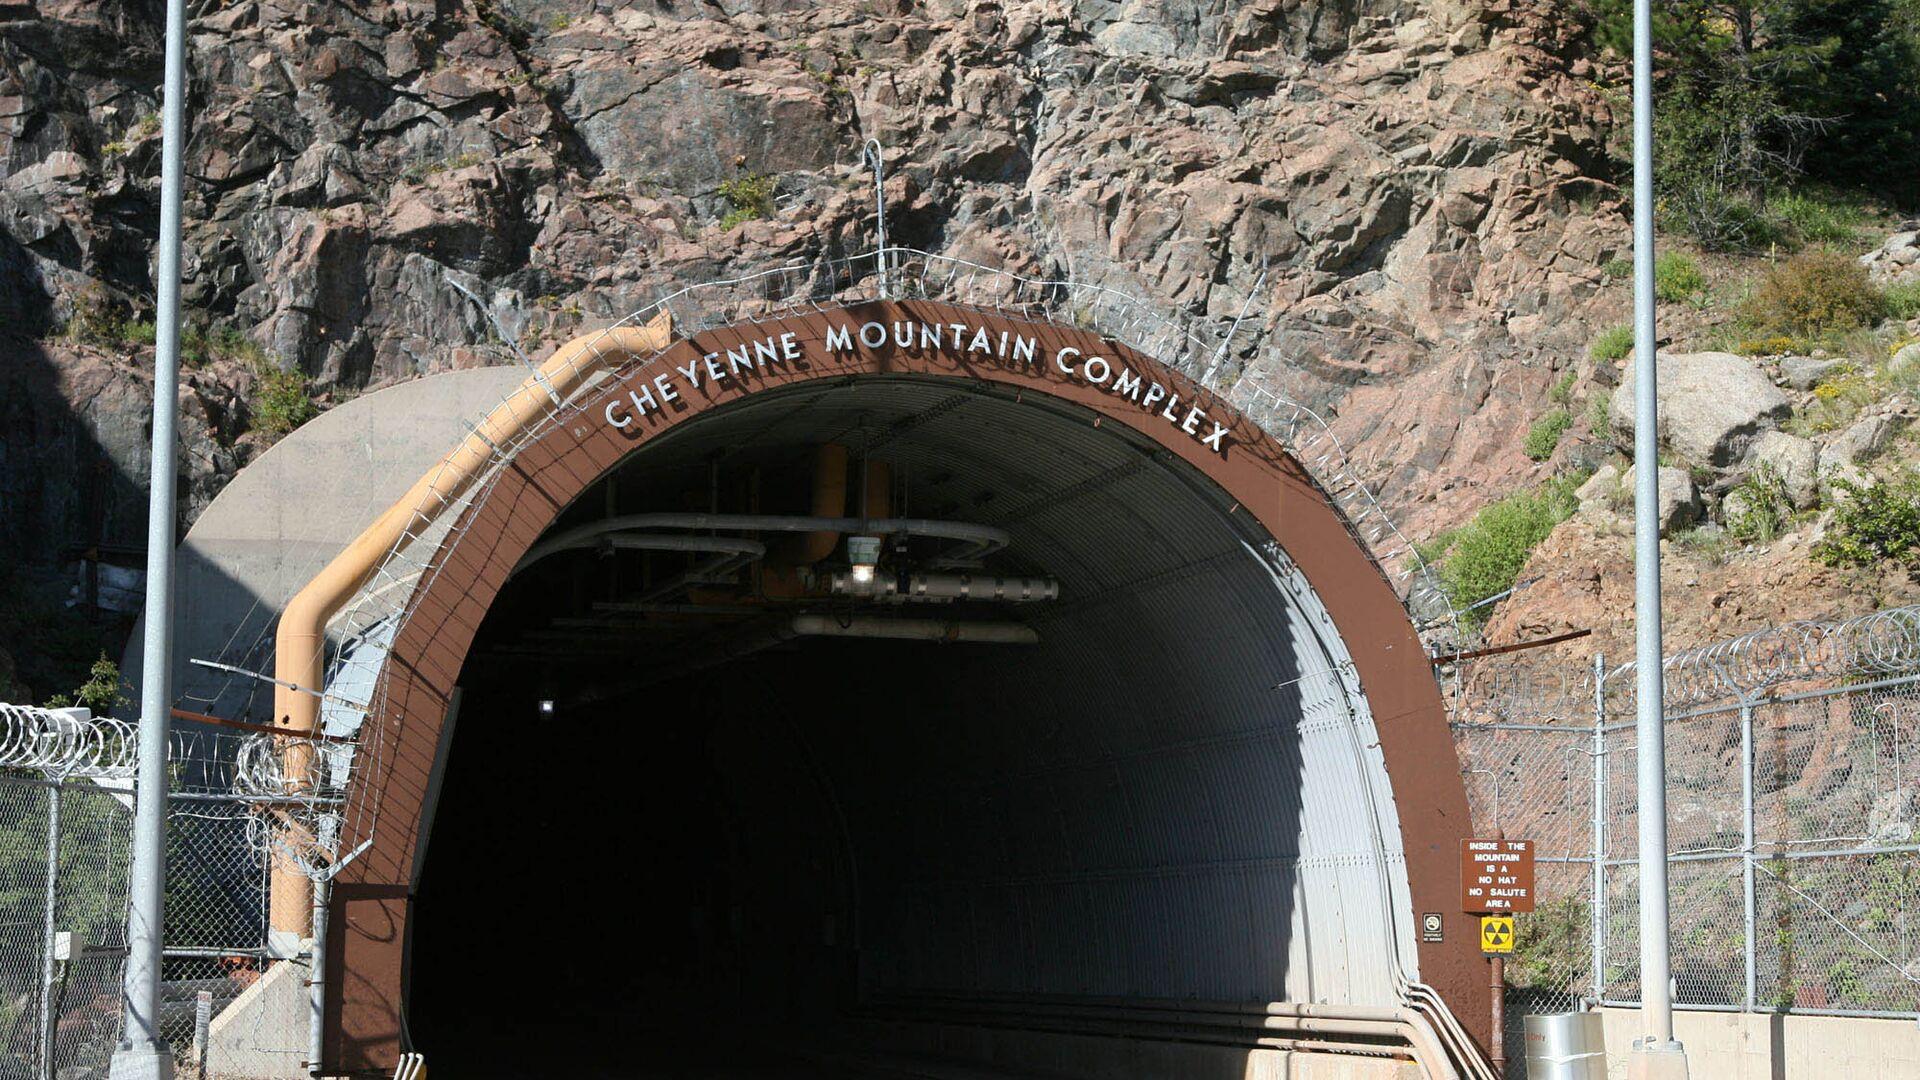 Подземный комплекс NORAD в горе Шайенн, Колорадо - РИА Новости, 1920, 24.02.2021